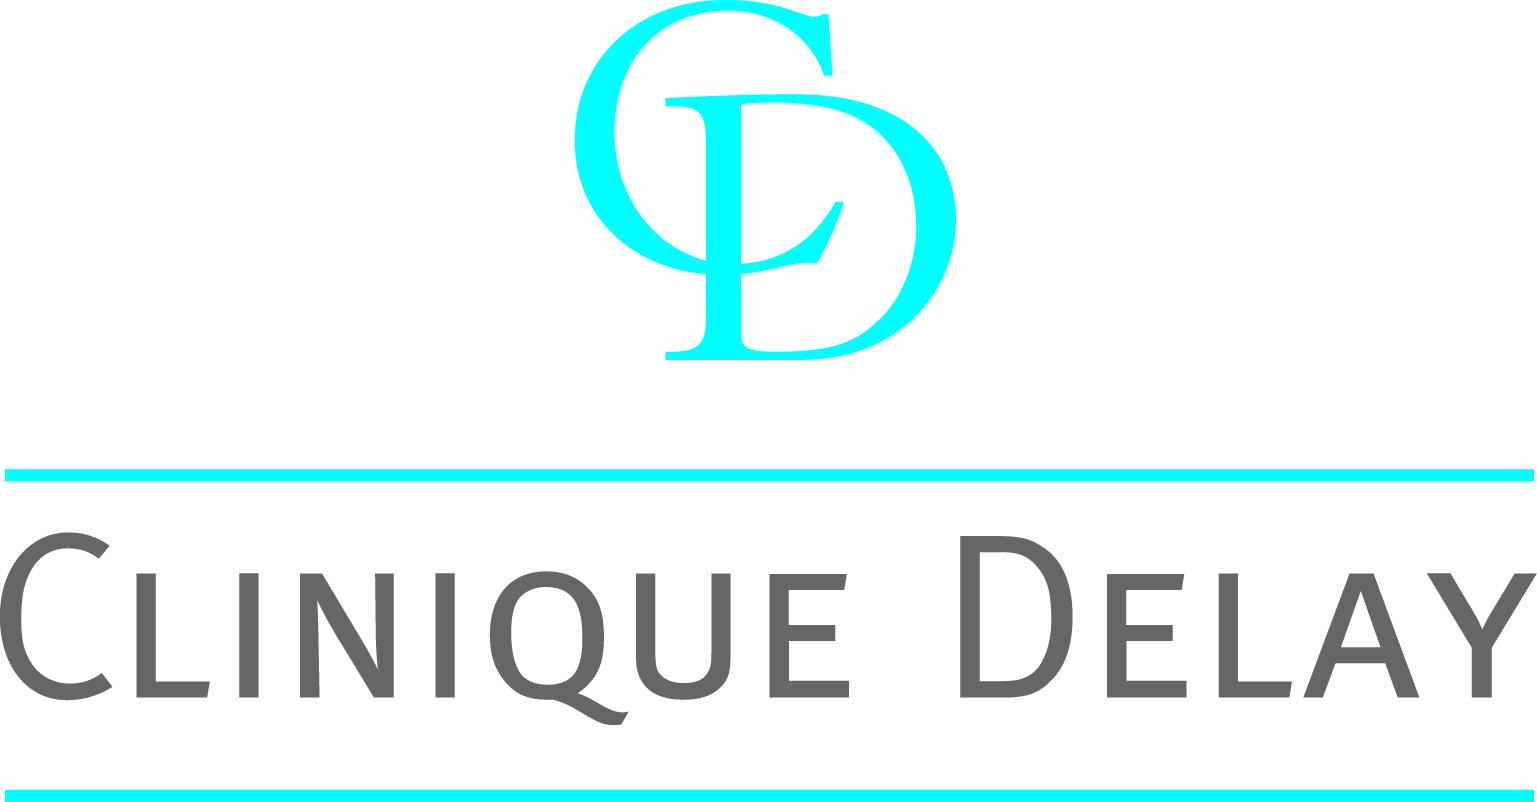 Clinique Delay